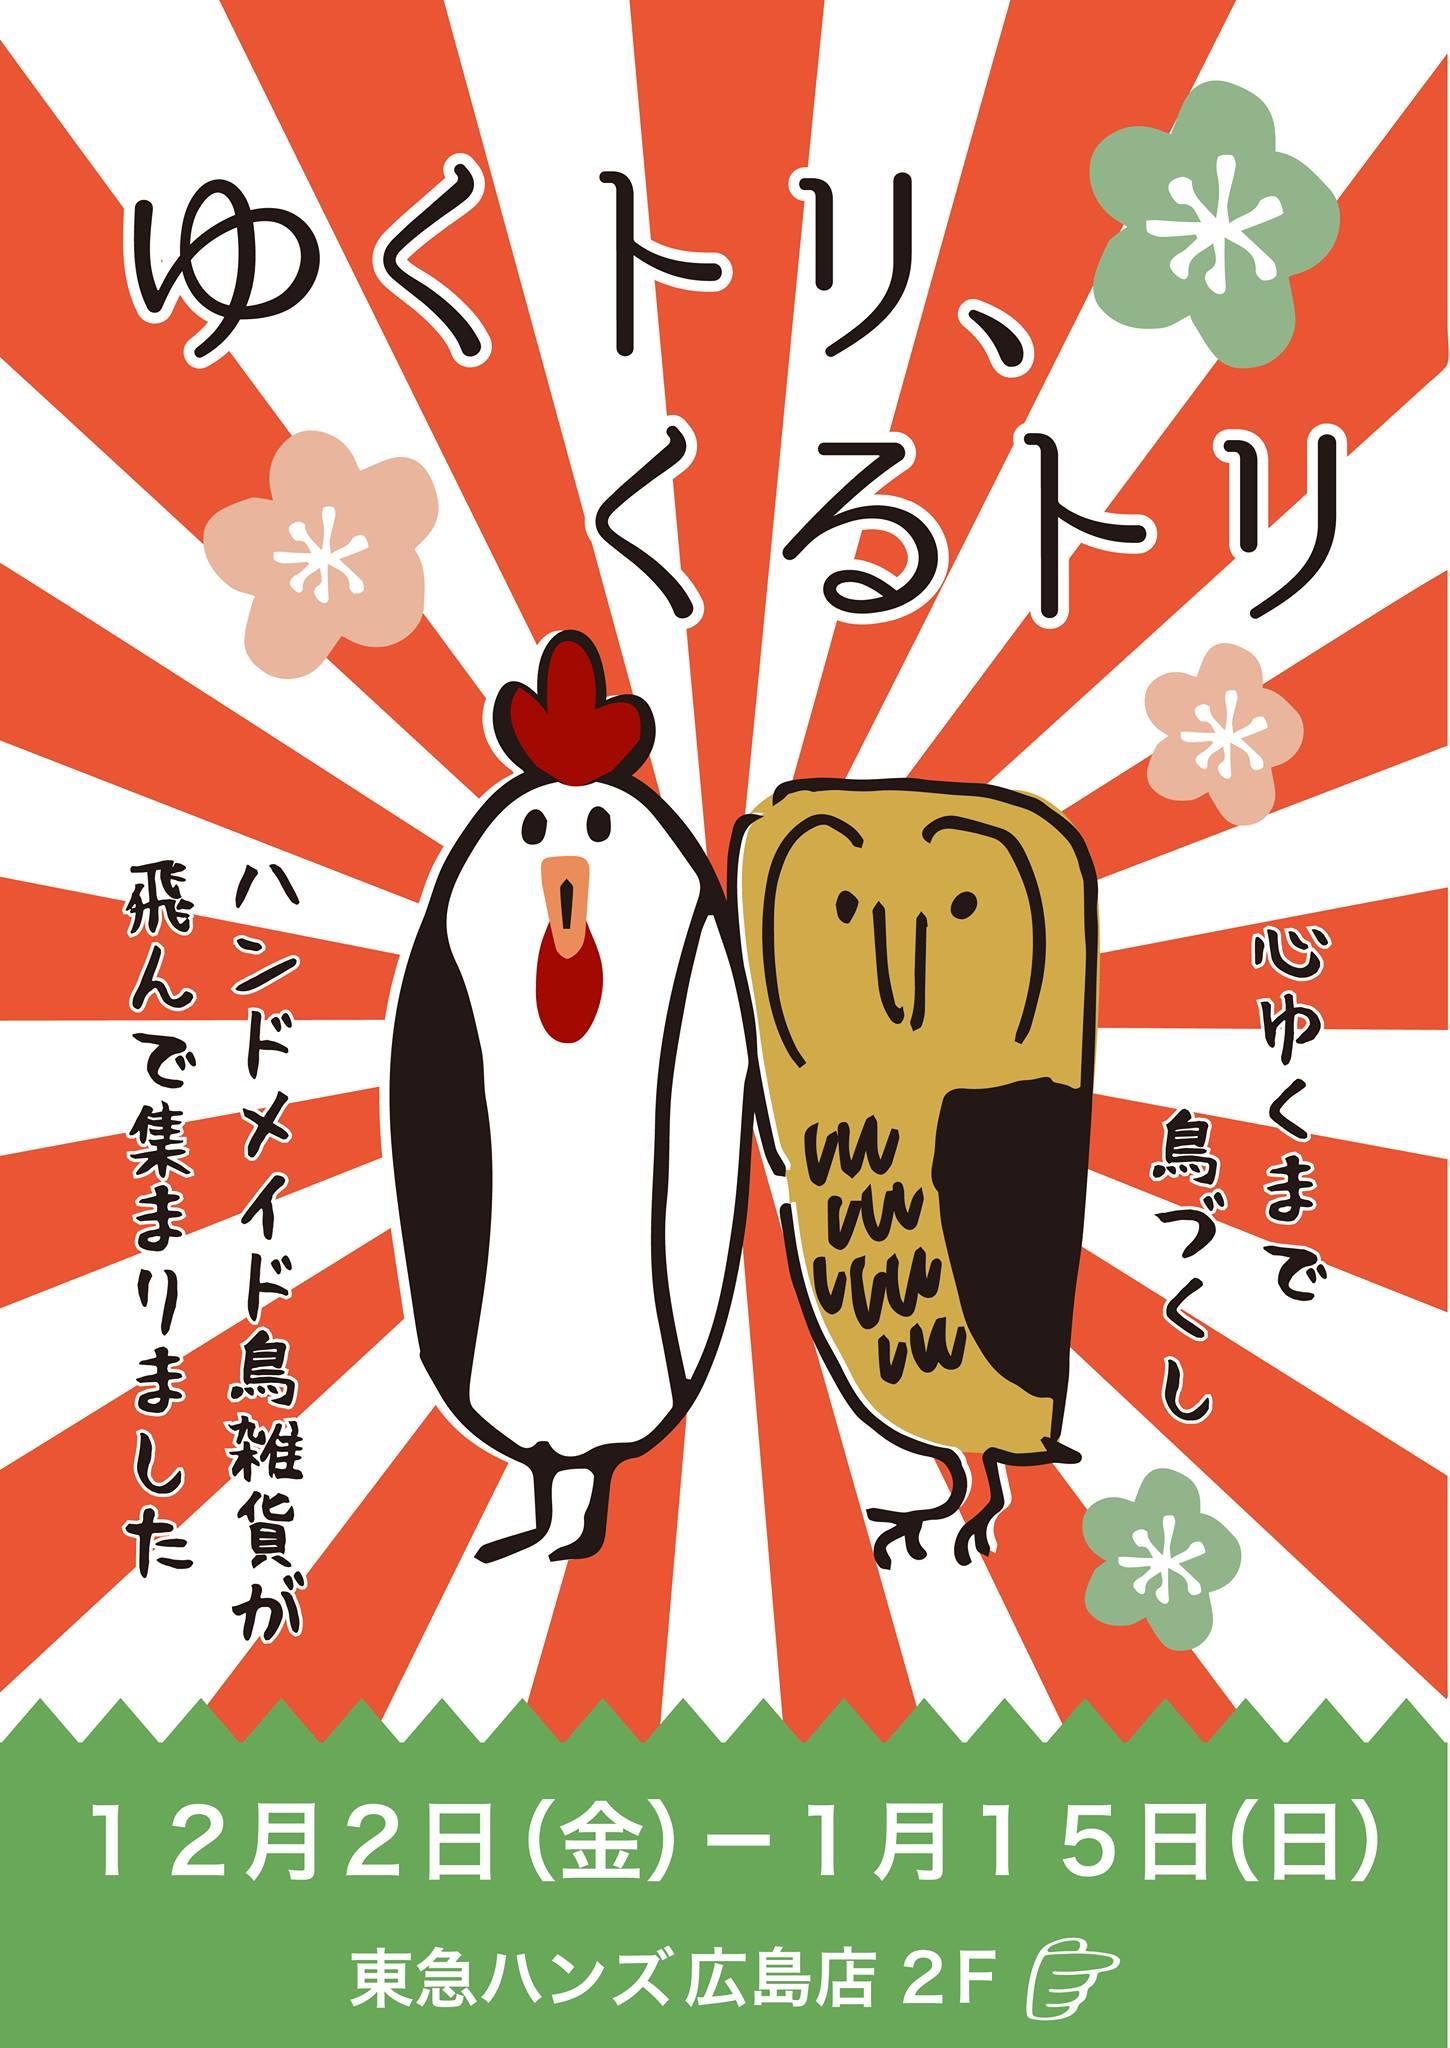 2016.12/2(金)-2017.1/15(日)『ゆくトリ・くるトリ』東急ハンズ広島店2階